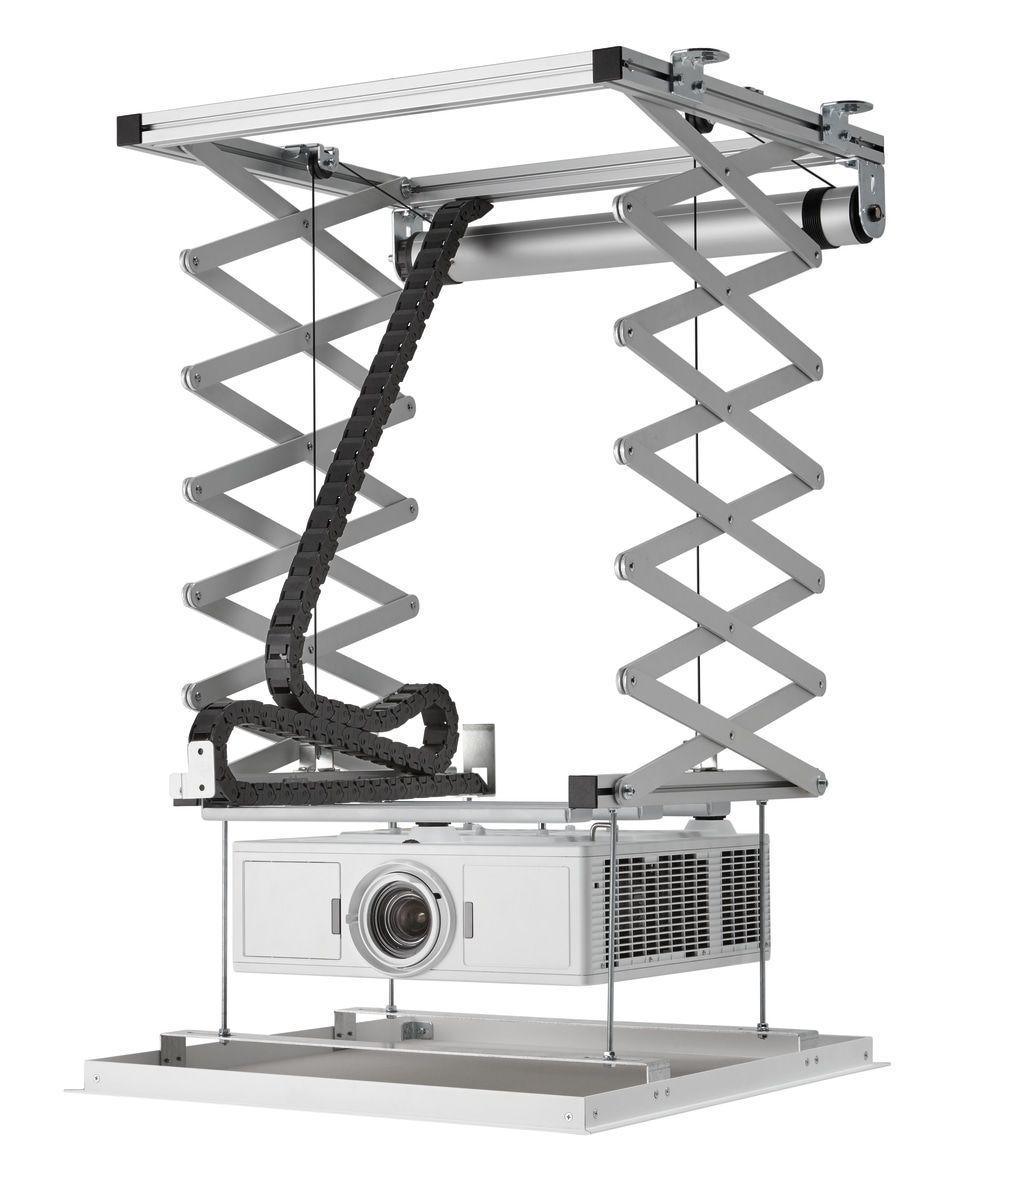 VOGELS Pro PPL 2170 Universal Projektorheis max 570x600x275 (B/D/H)